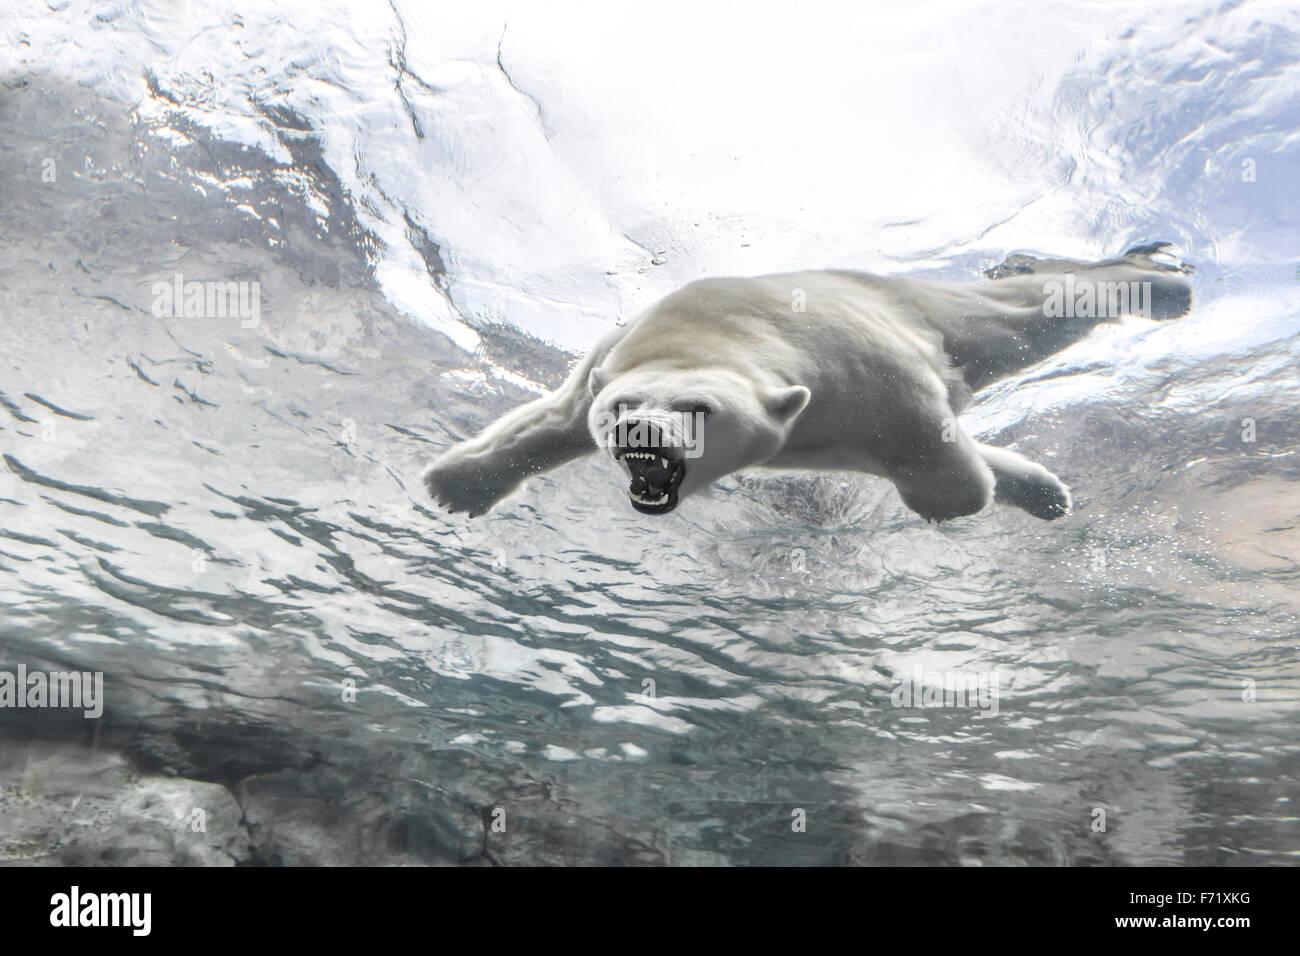 Aggressivo orso polare, nuoto sott'acqua di viaggio a Churchill, Assiniboine Park Zoo, Winnipeg, Manitoba, Canada Immagini Stock